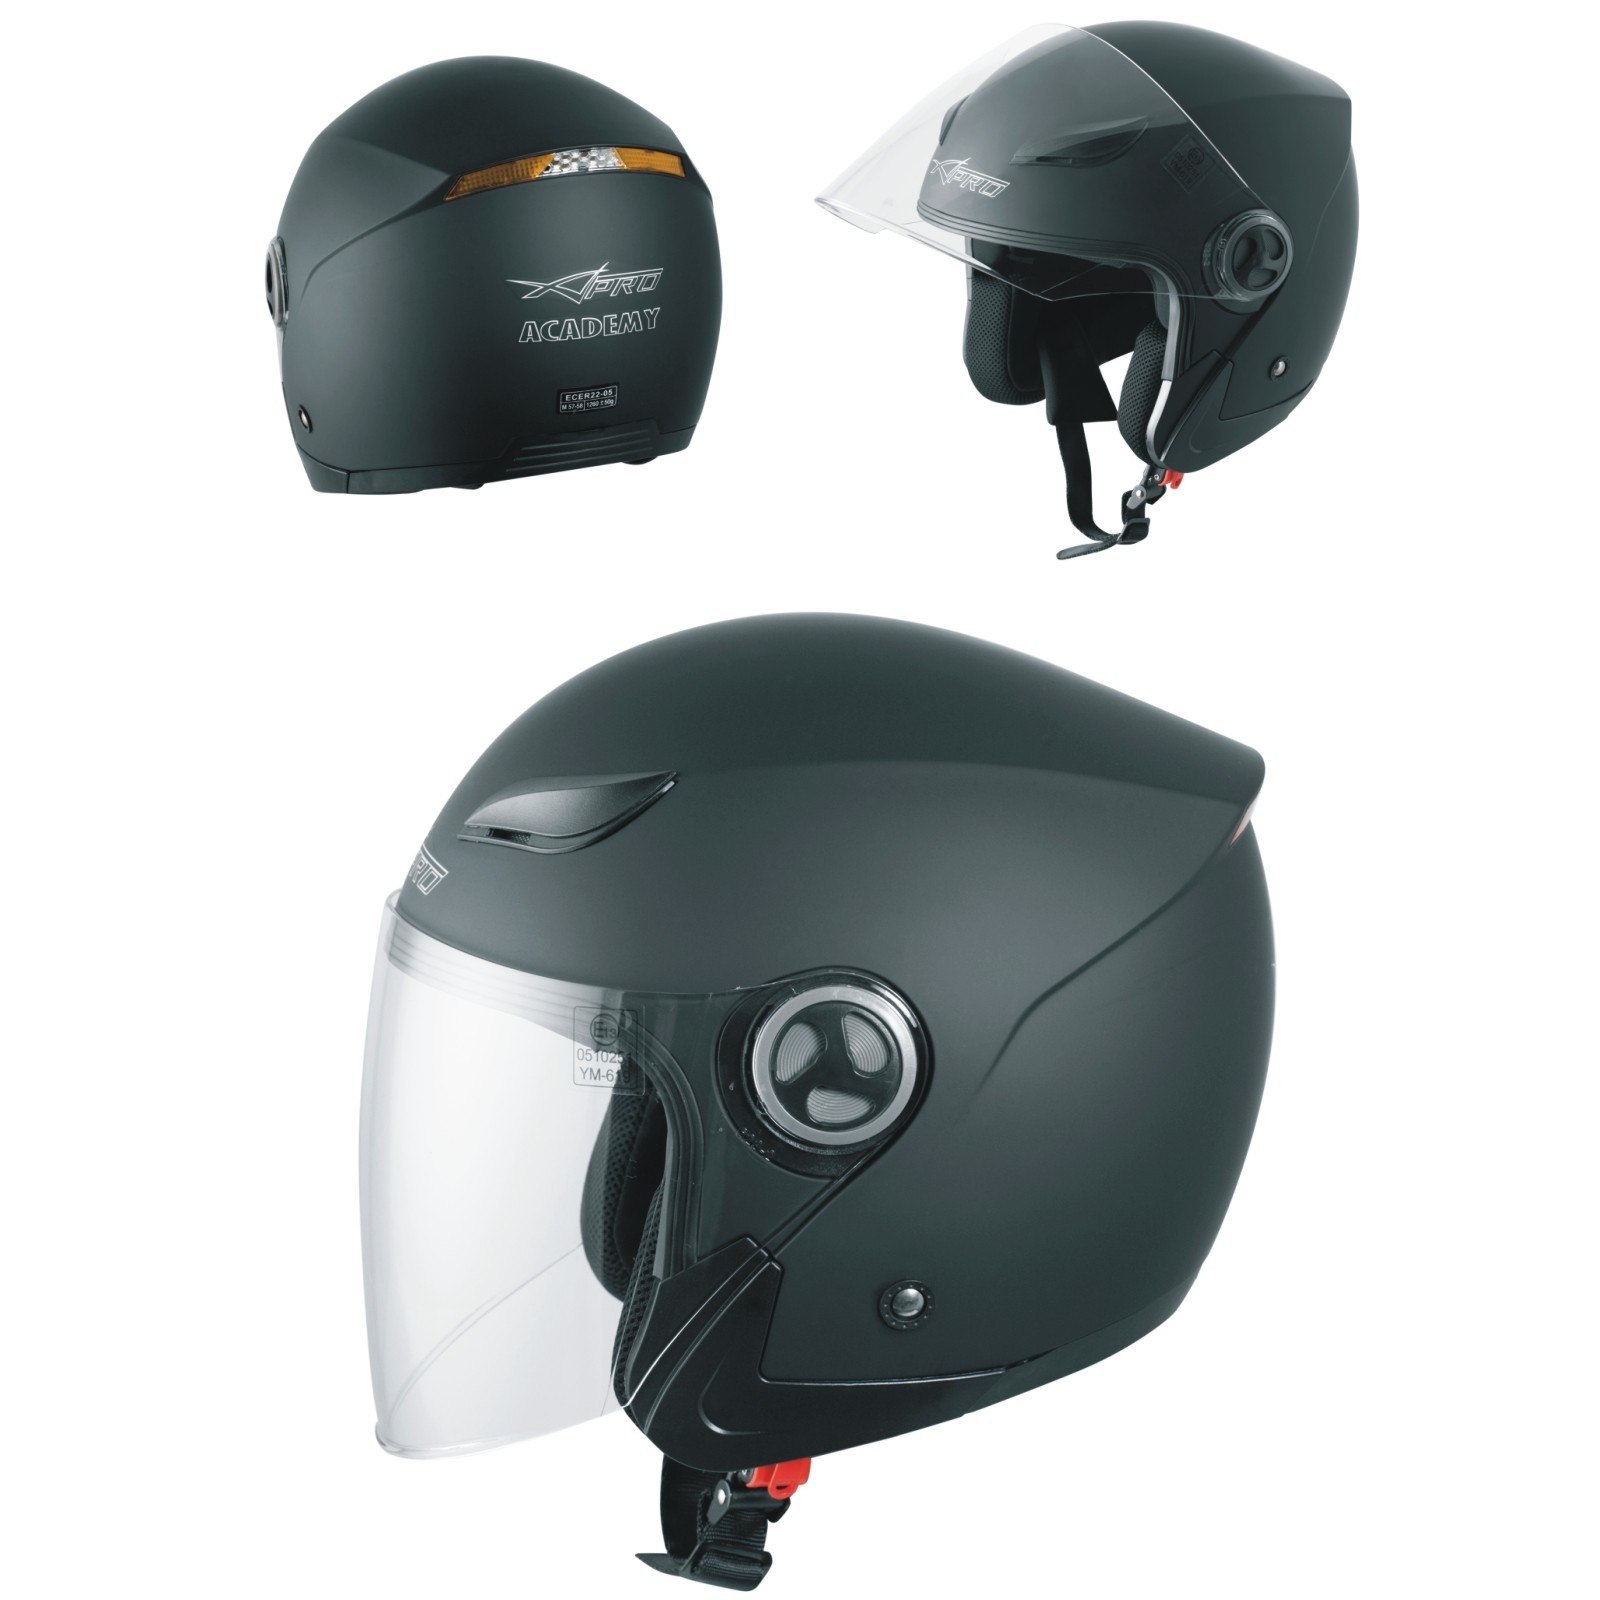 BOSTON_Casco_Helmet_Moto_Motorcycle_Silver_A-Pro